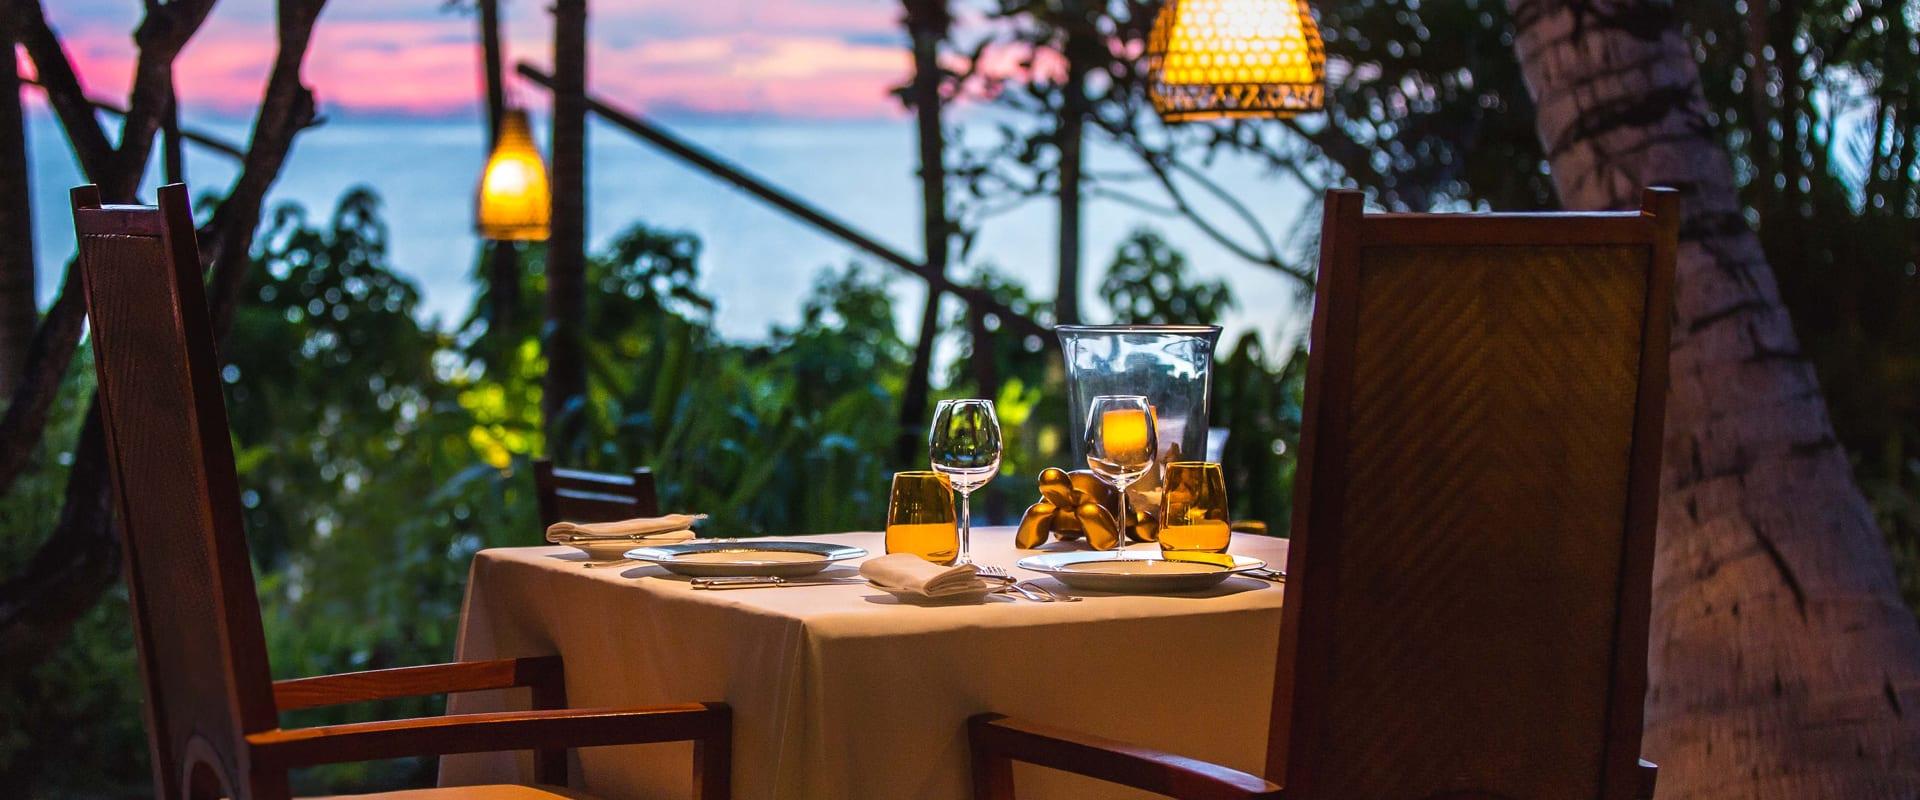 Влаштуйте незабутню романтичну вечерю у затишній атмосфері із близькою людиною